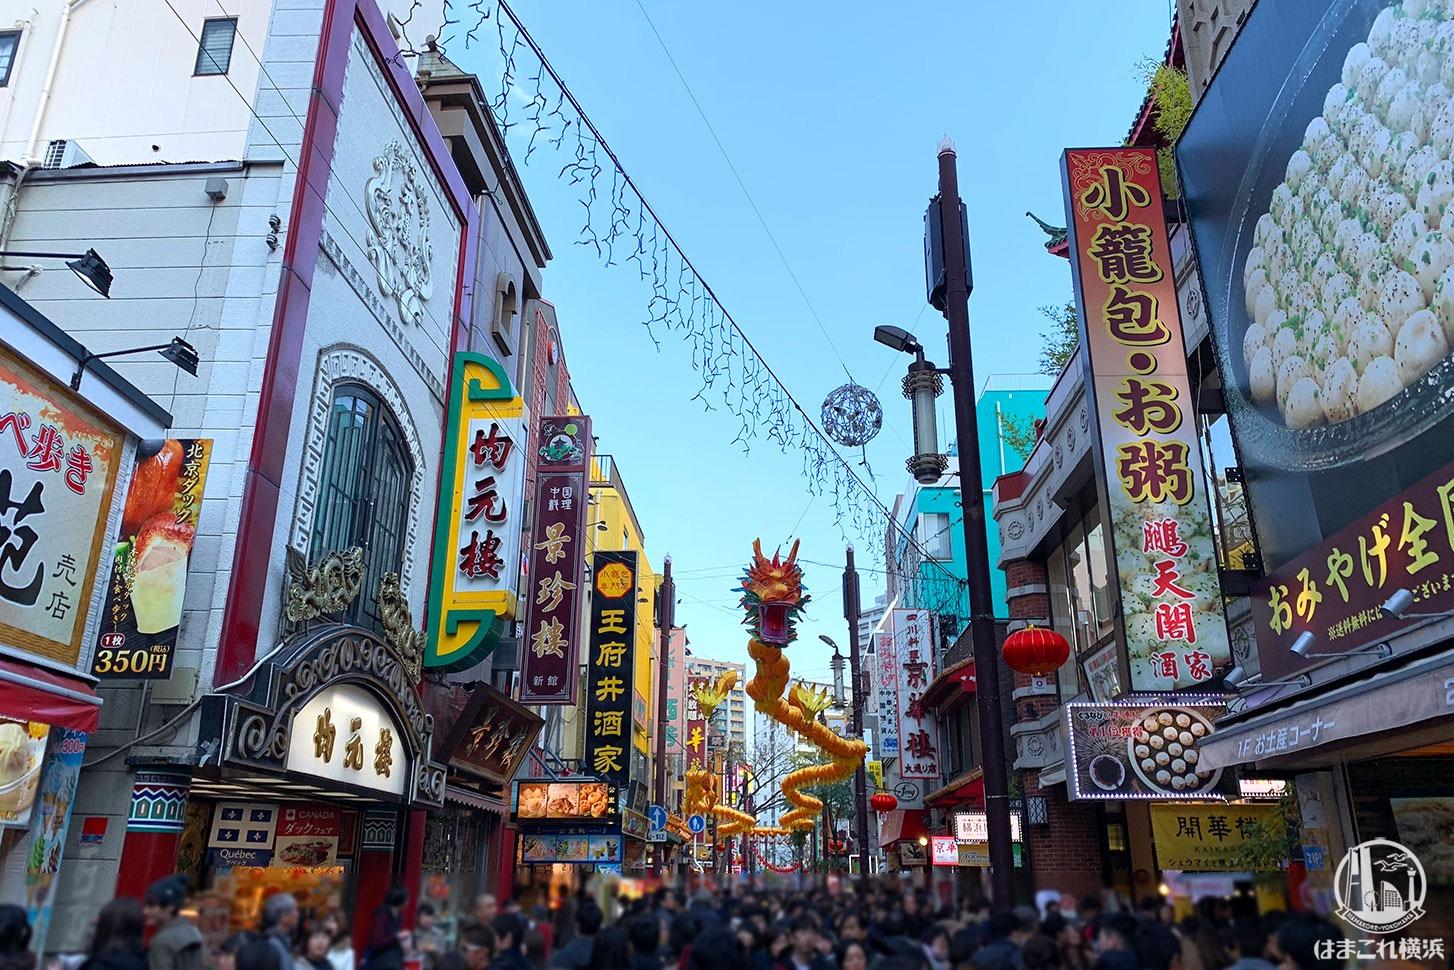 横浜中華街 観光ガイド